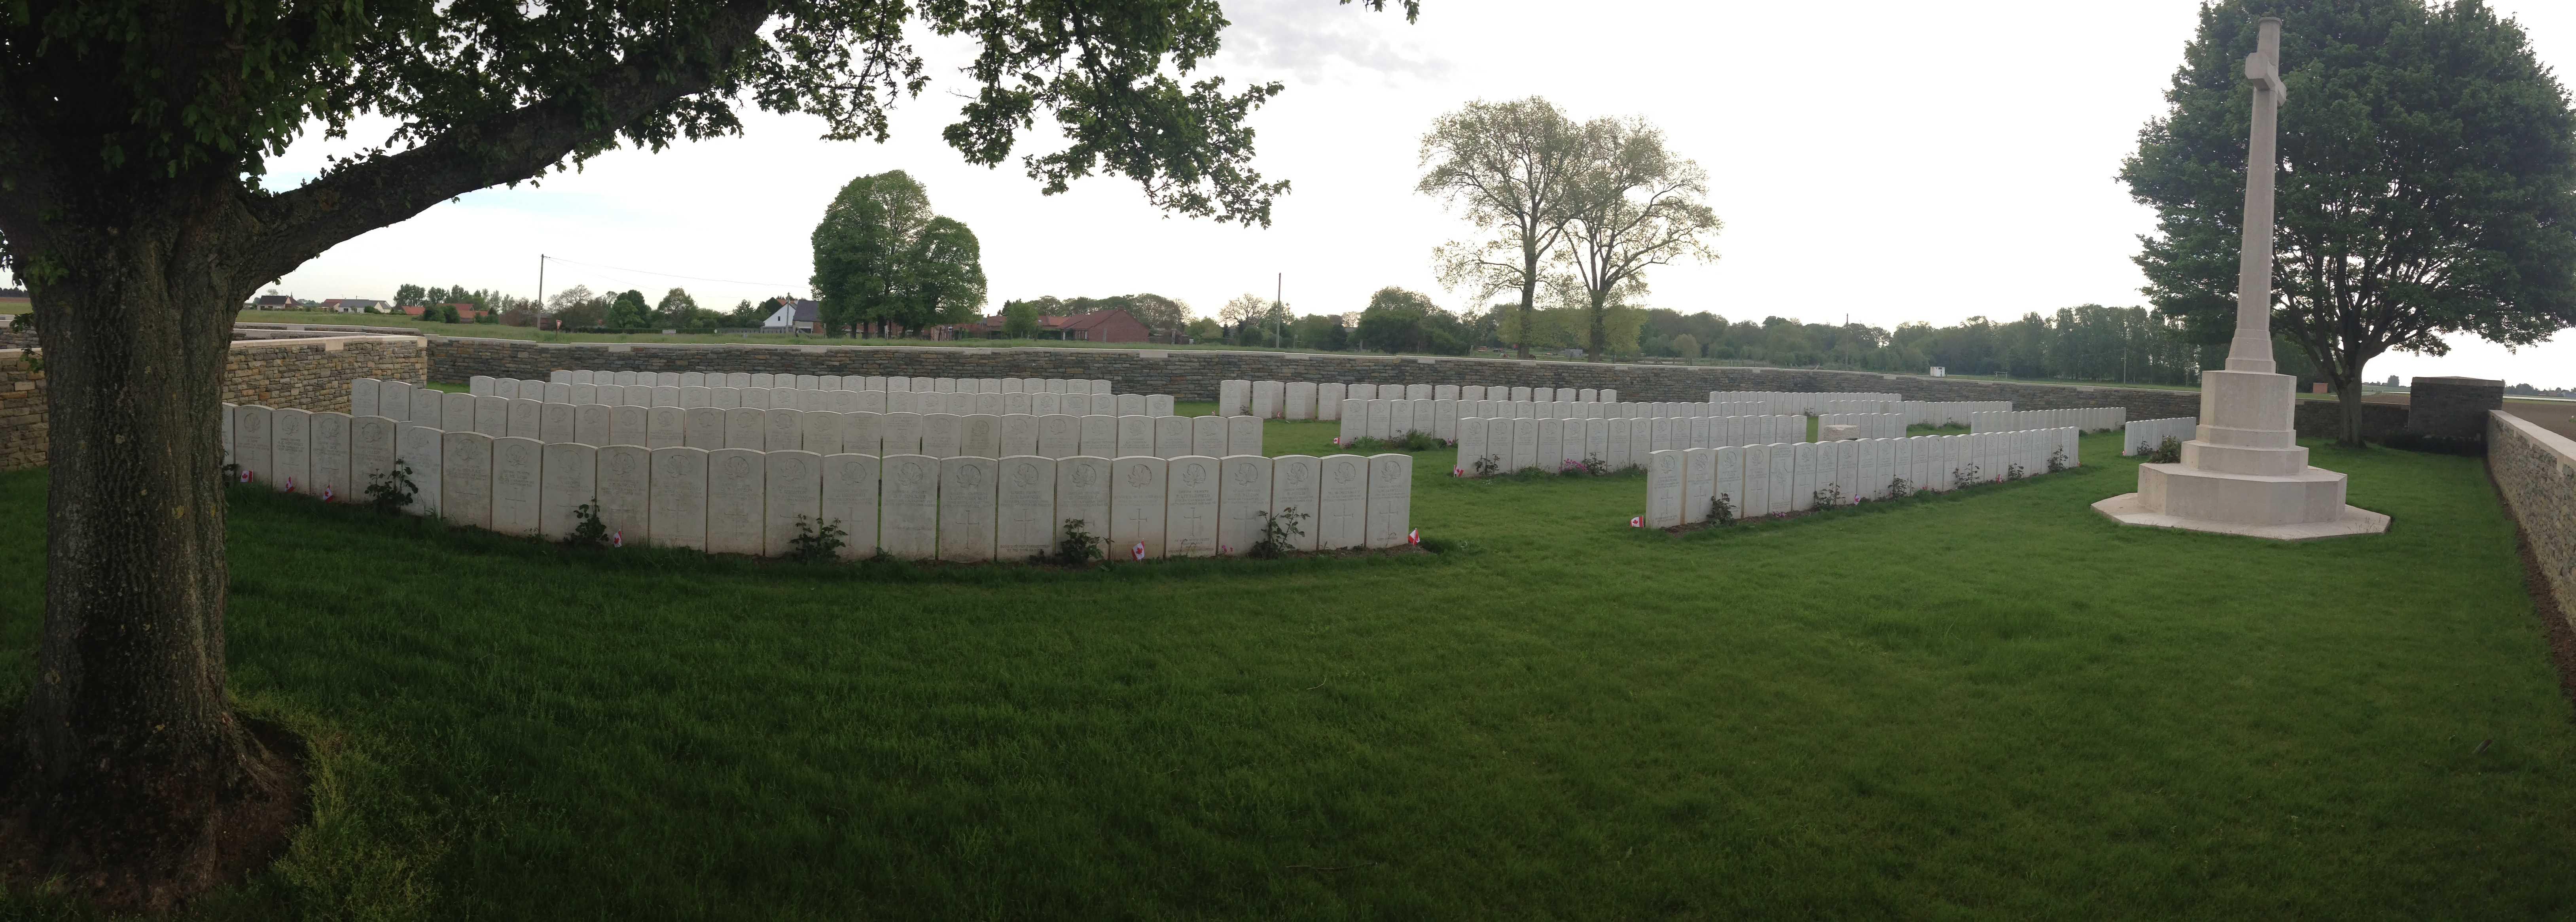 Cemetery– Panoramic view of Haynecourte British Cemetery. May 8 /2015